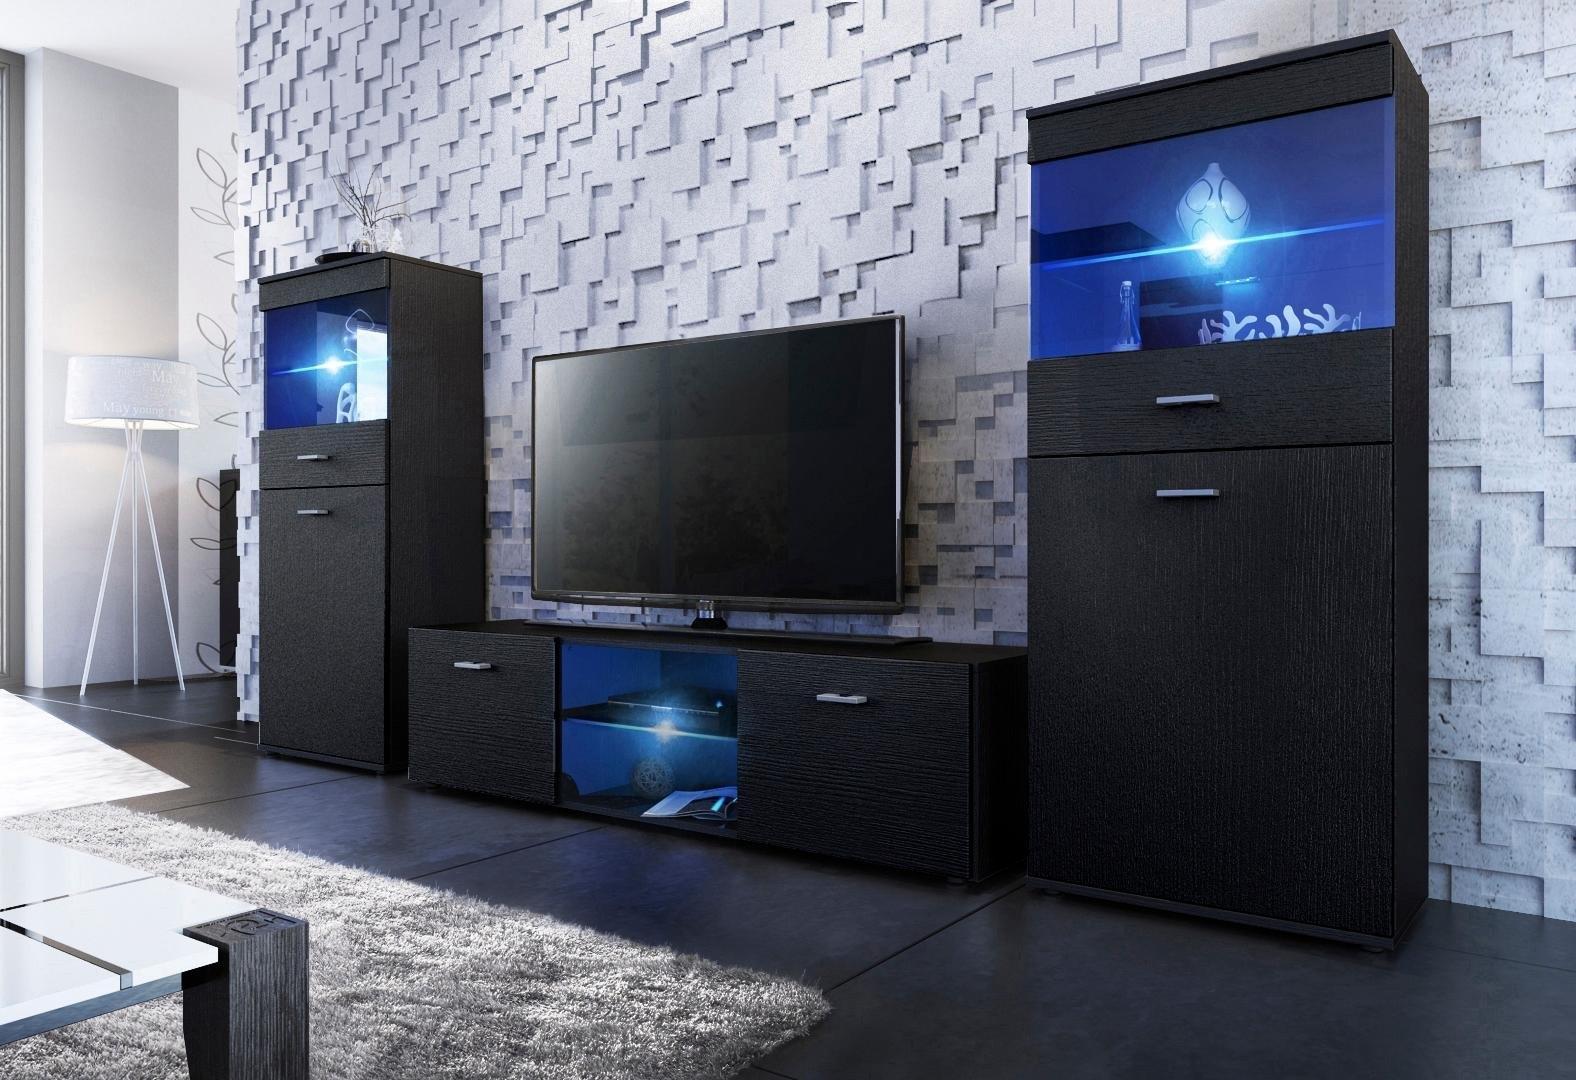 Tv Meubel Wand.Tv Meubel Kopen Vind Het Ideale Meubel Voor Jouw Woonkamer Otto